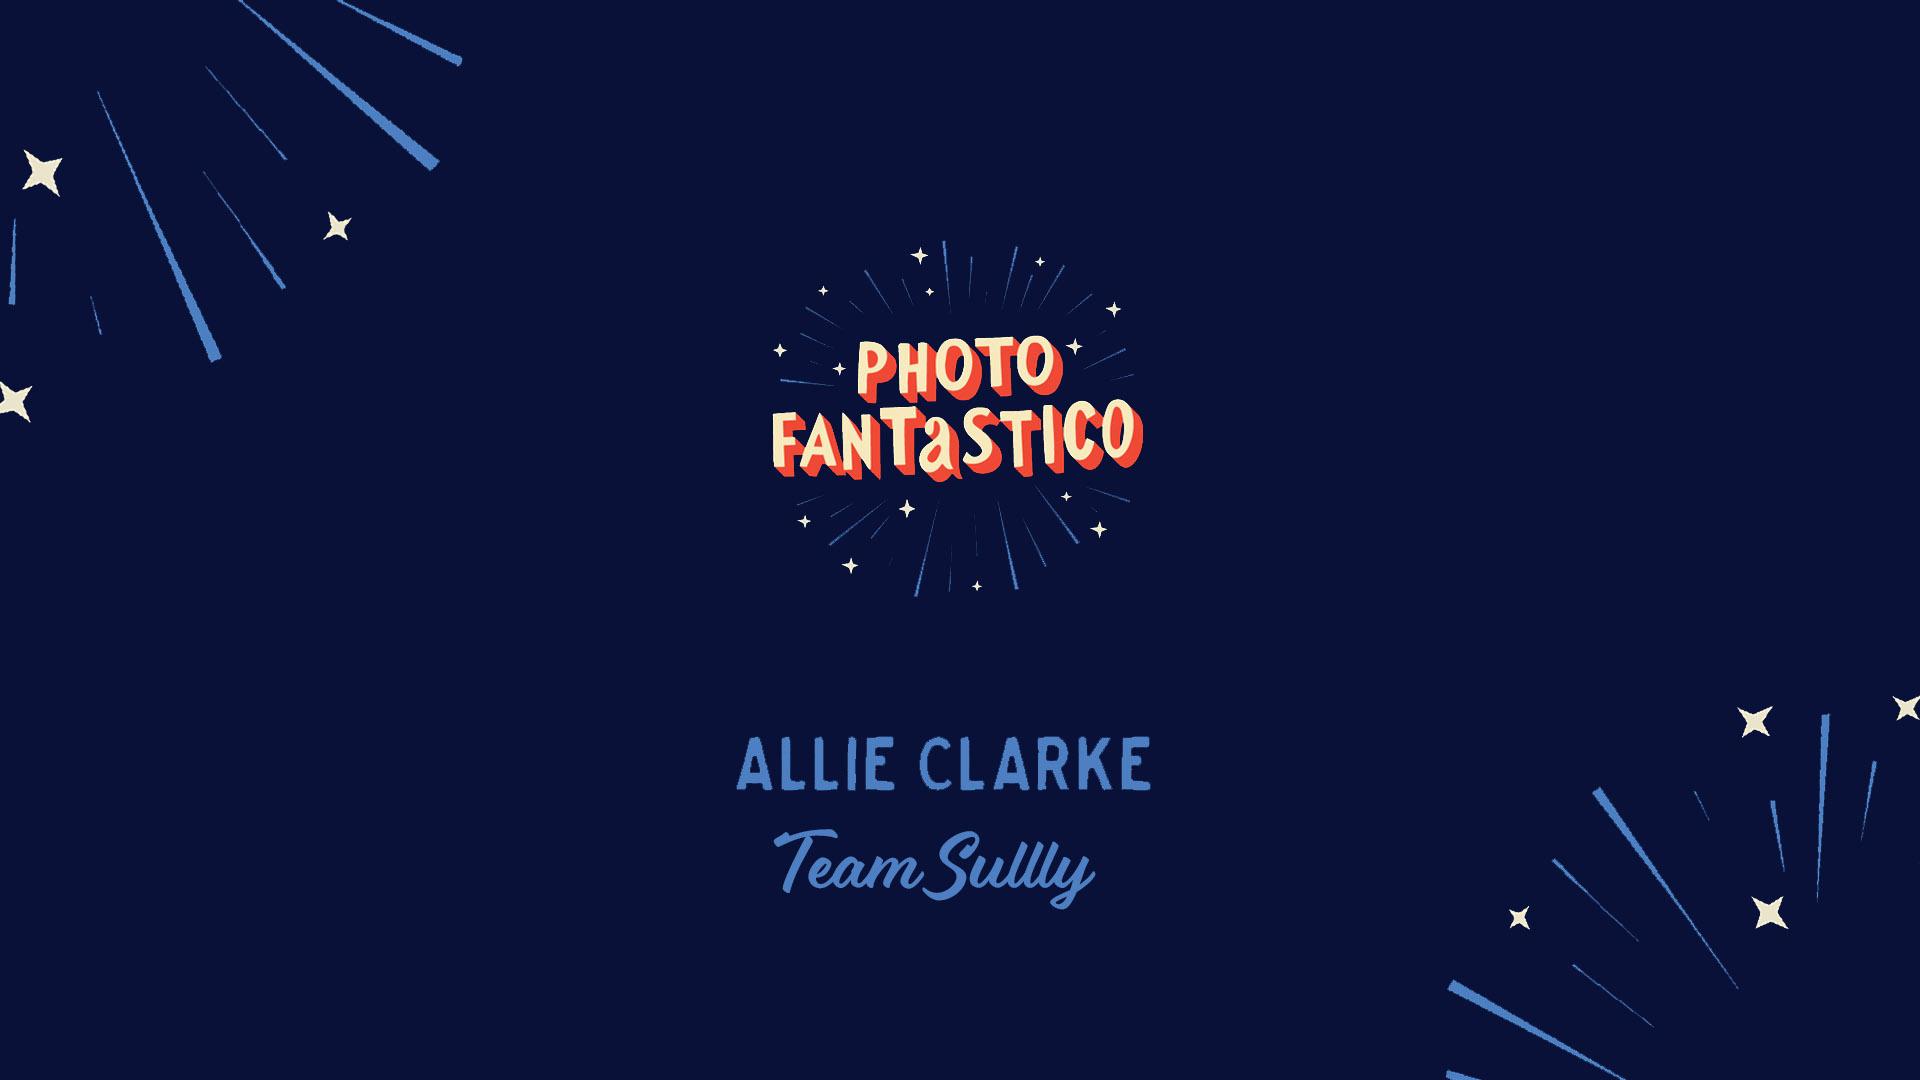 Allie Clarke